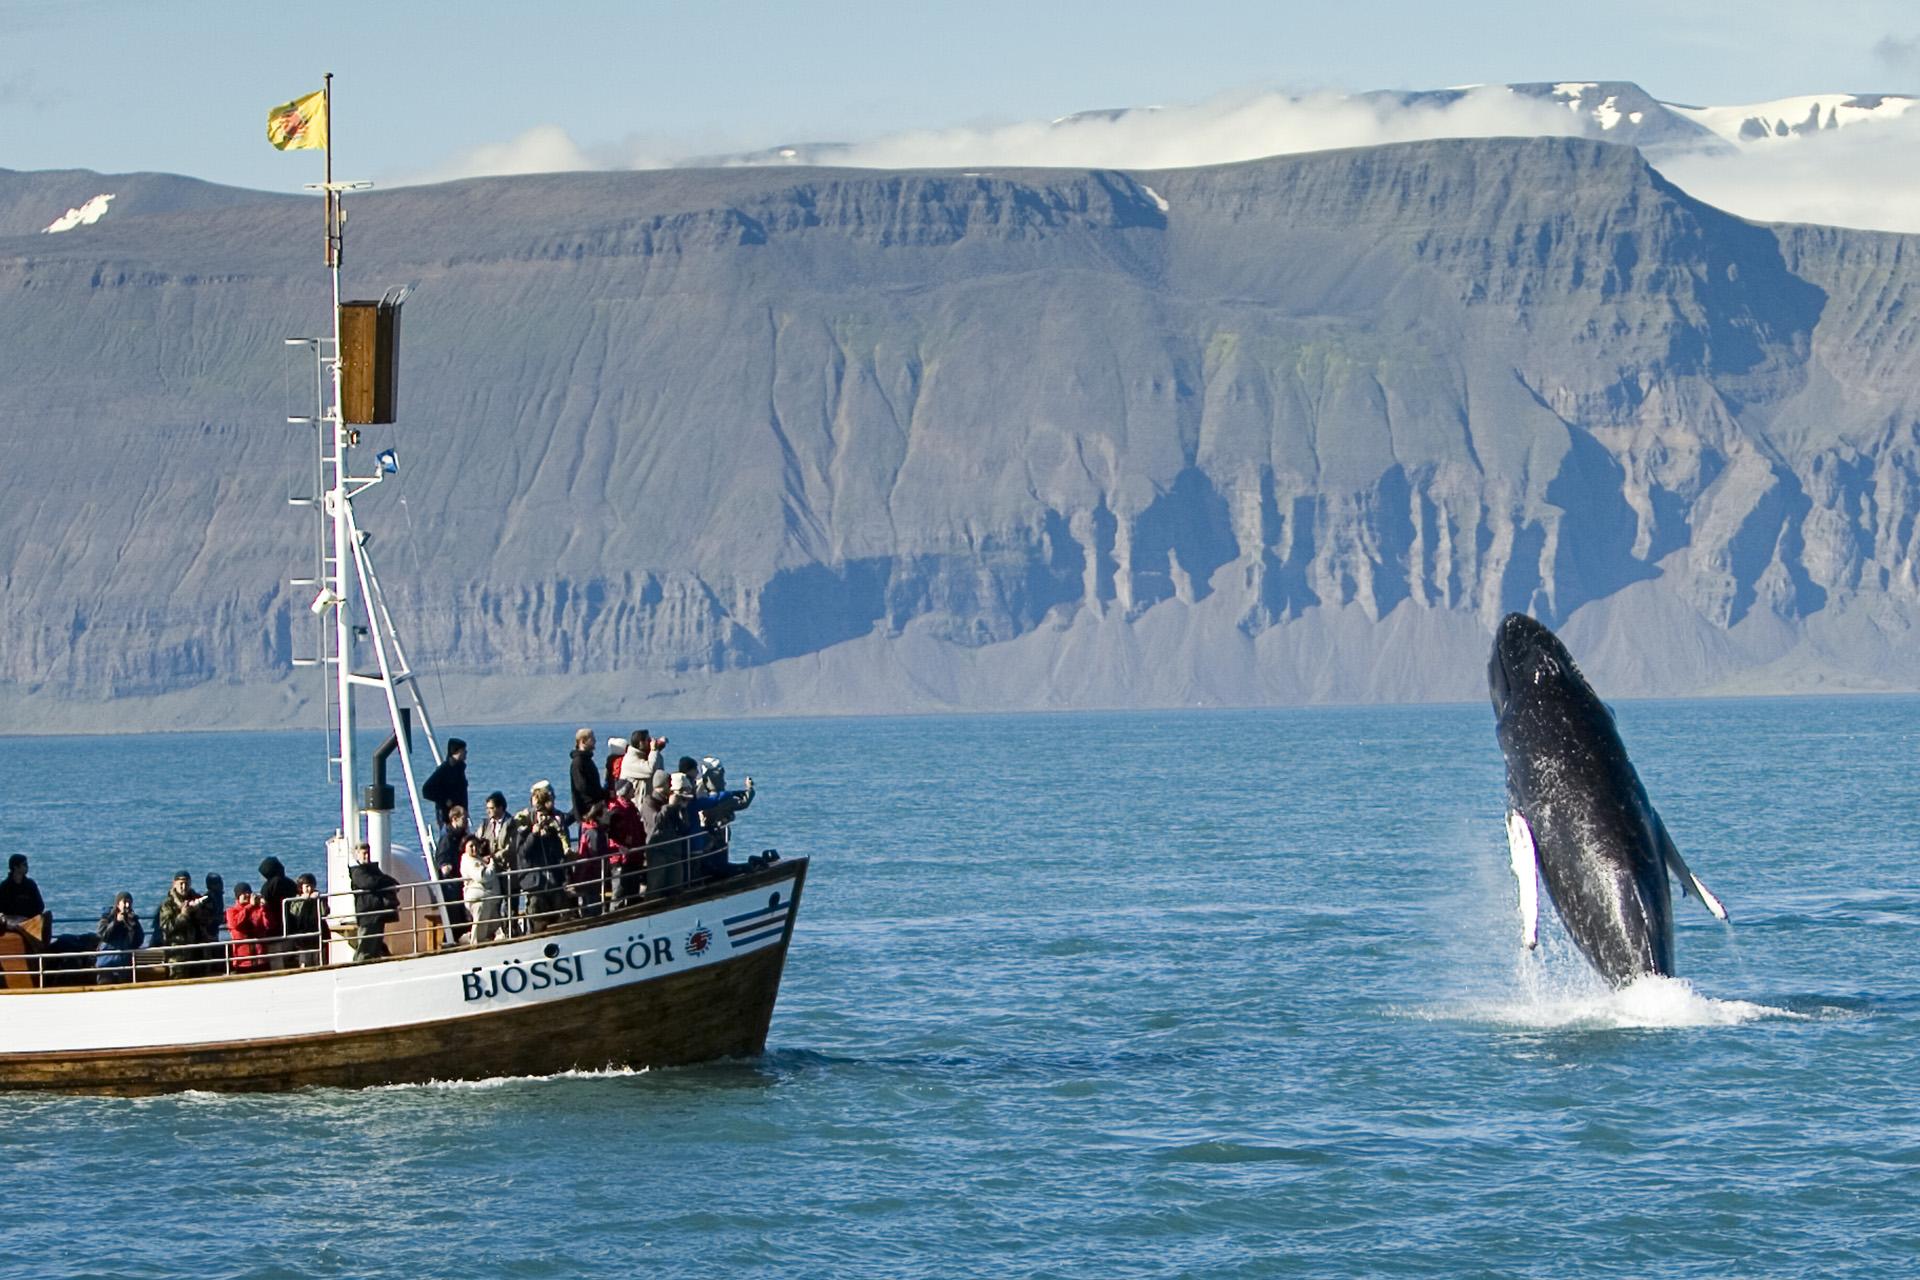 Una ballena jorobada sale fuera de las aguas de la bahía de Skjálfandi en el pueblo Húsavík.